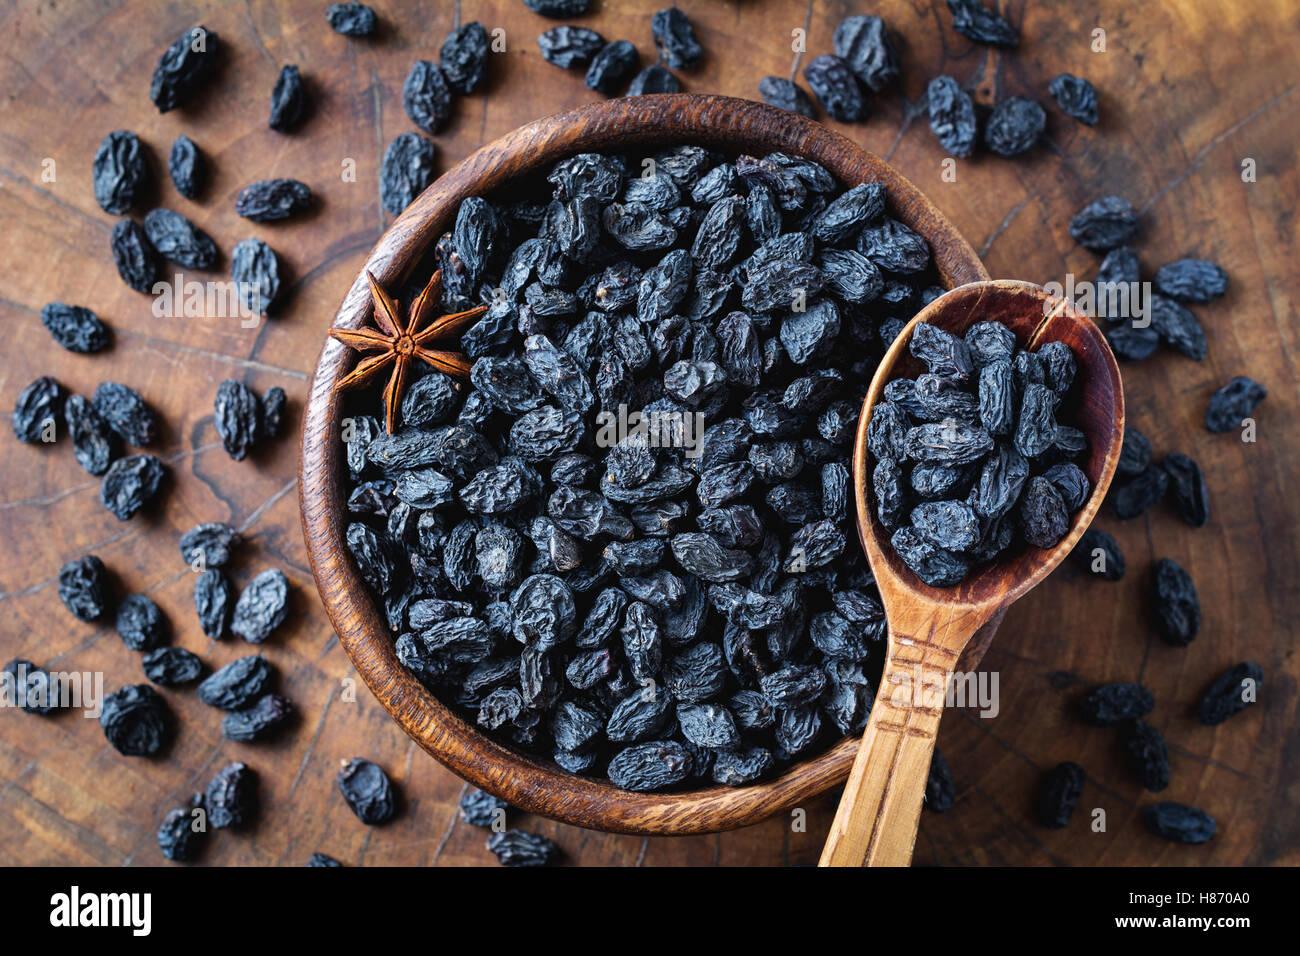 Uva passa nera nella ciotola di legno, vista dall'alto. Snack sani, prodotto dietetico per una buona qualità Immagini Stock